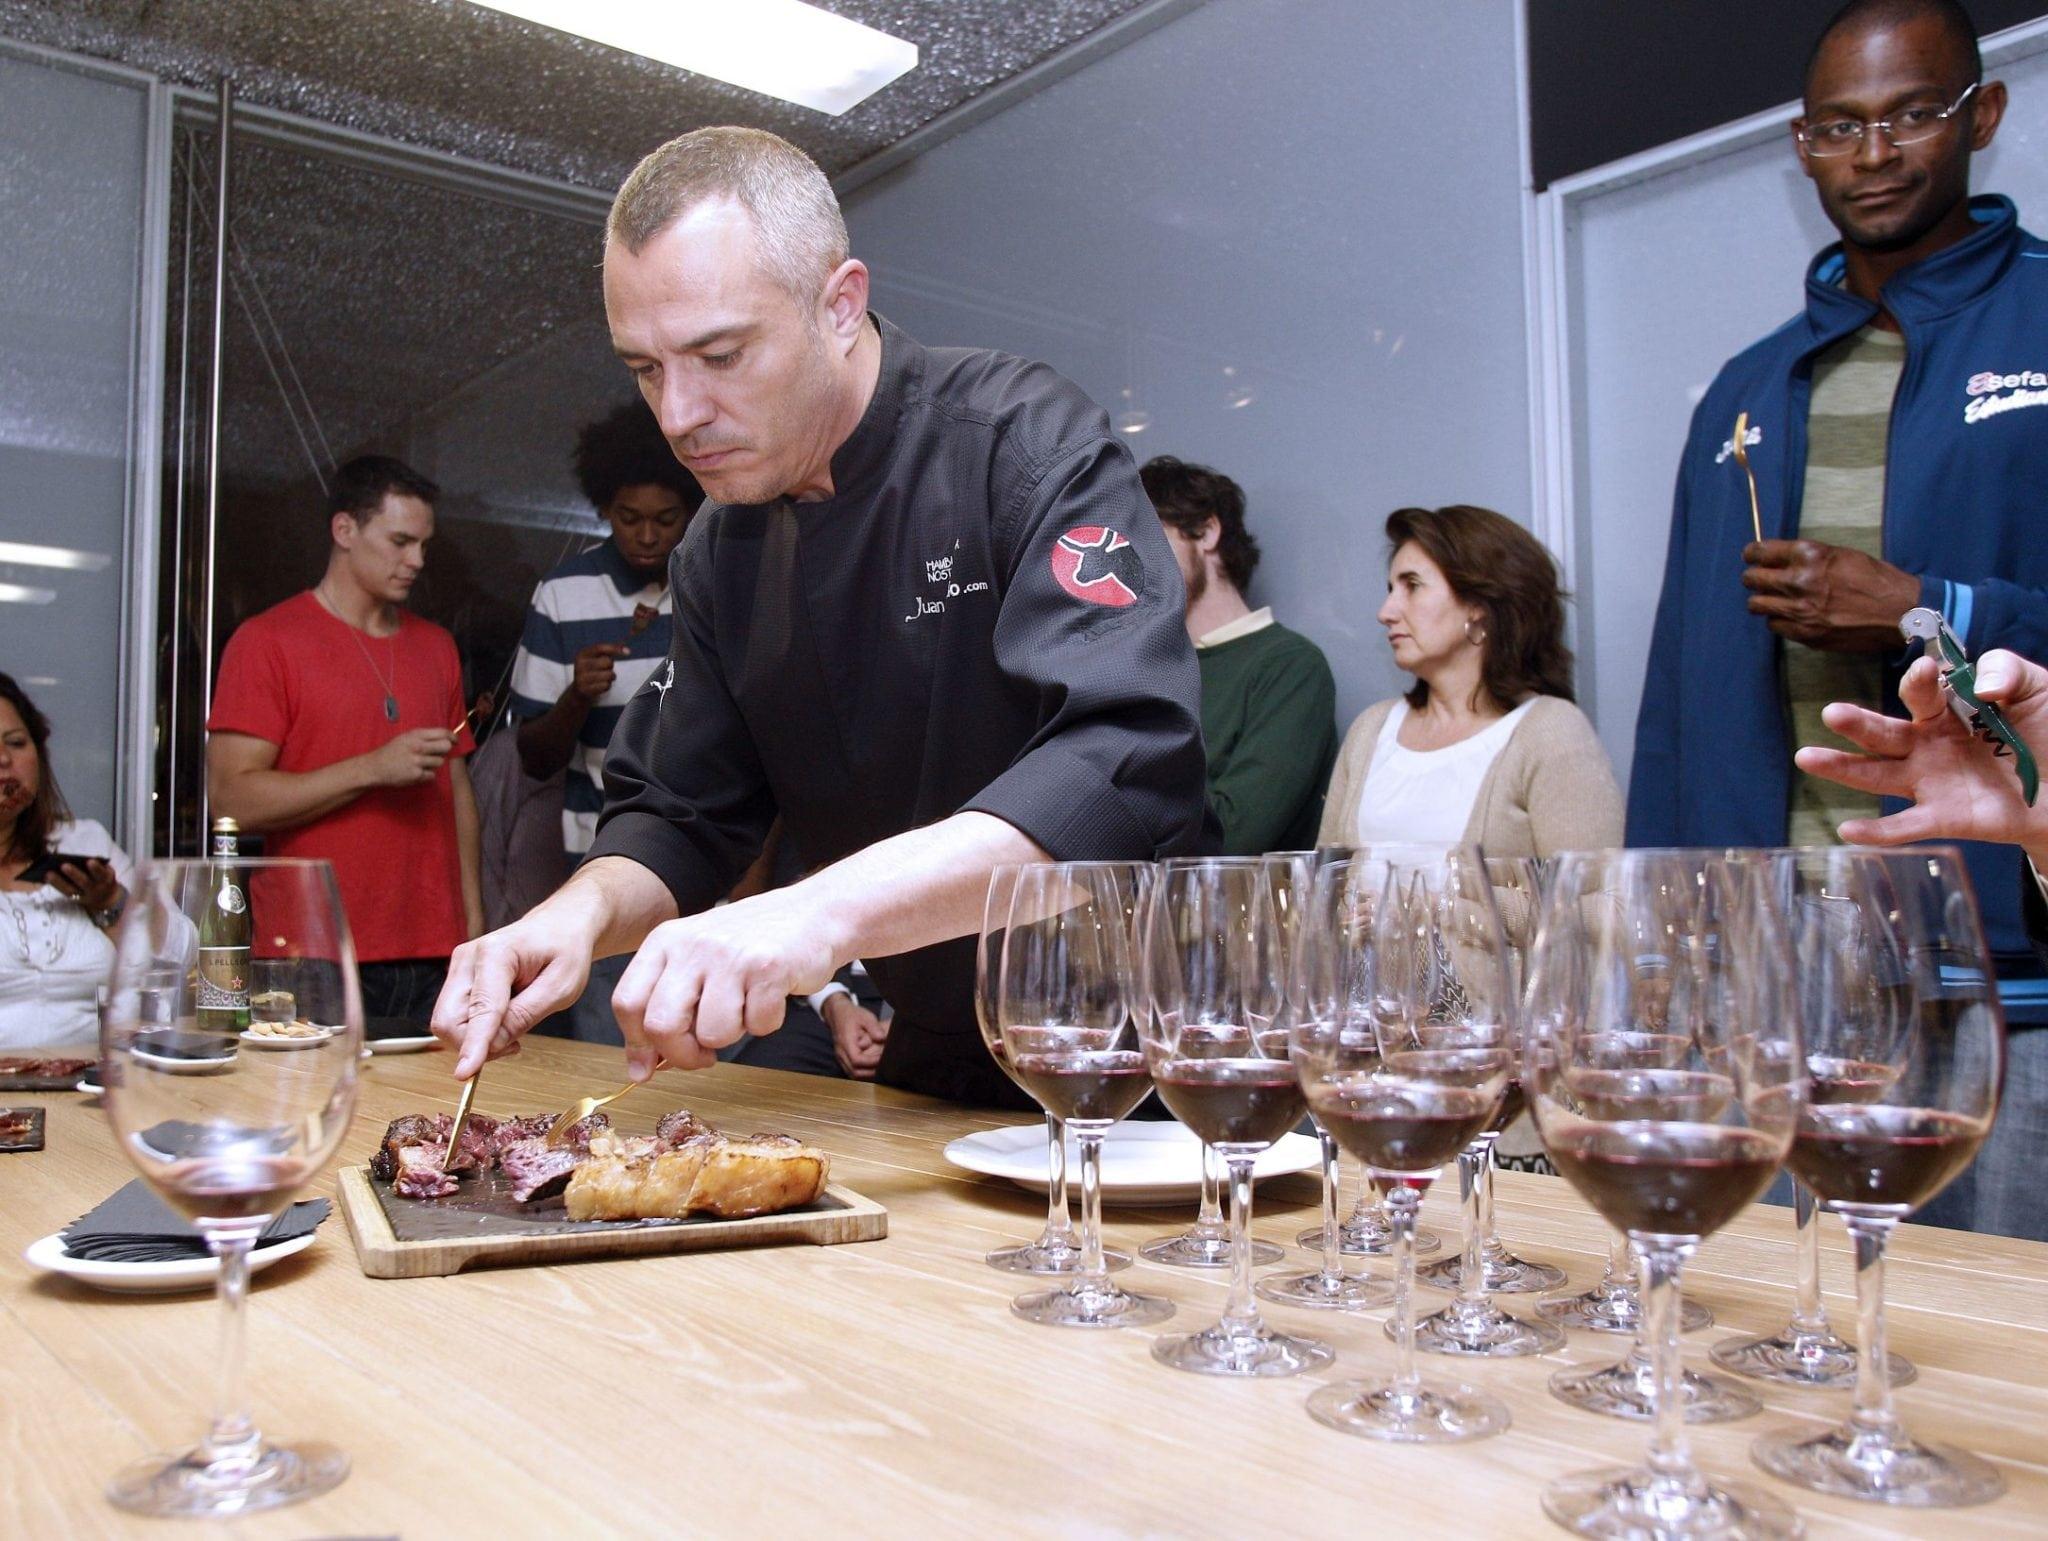 Taller de Cocina del Club de Negocios en el restaurante Vaca Nostra